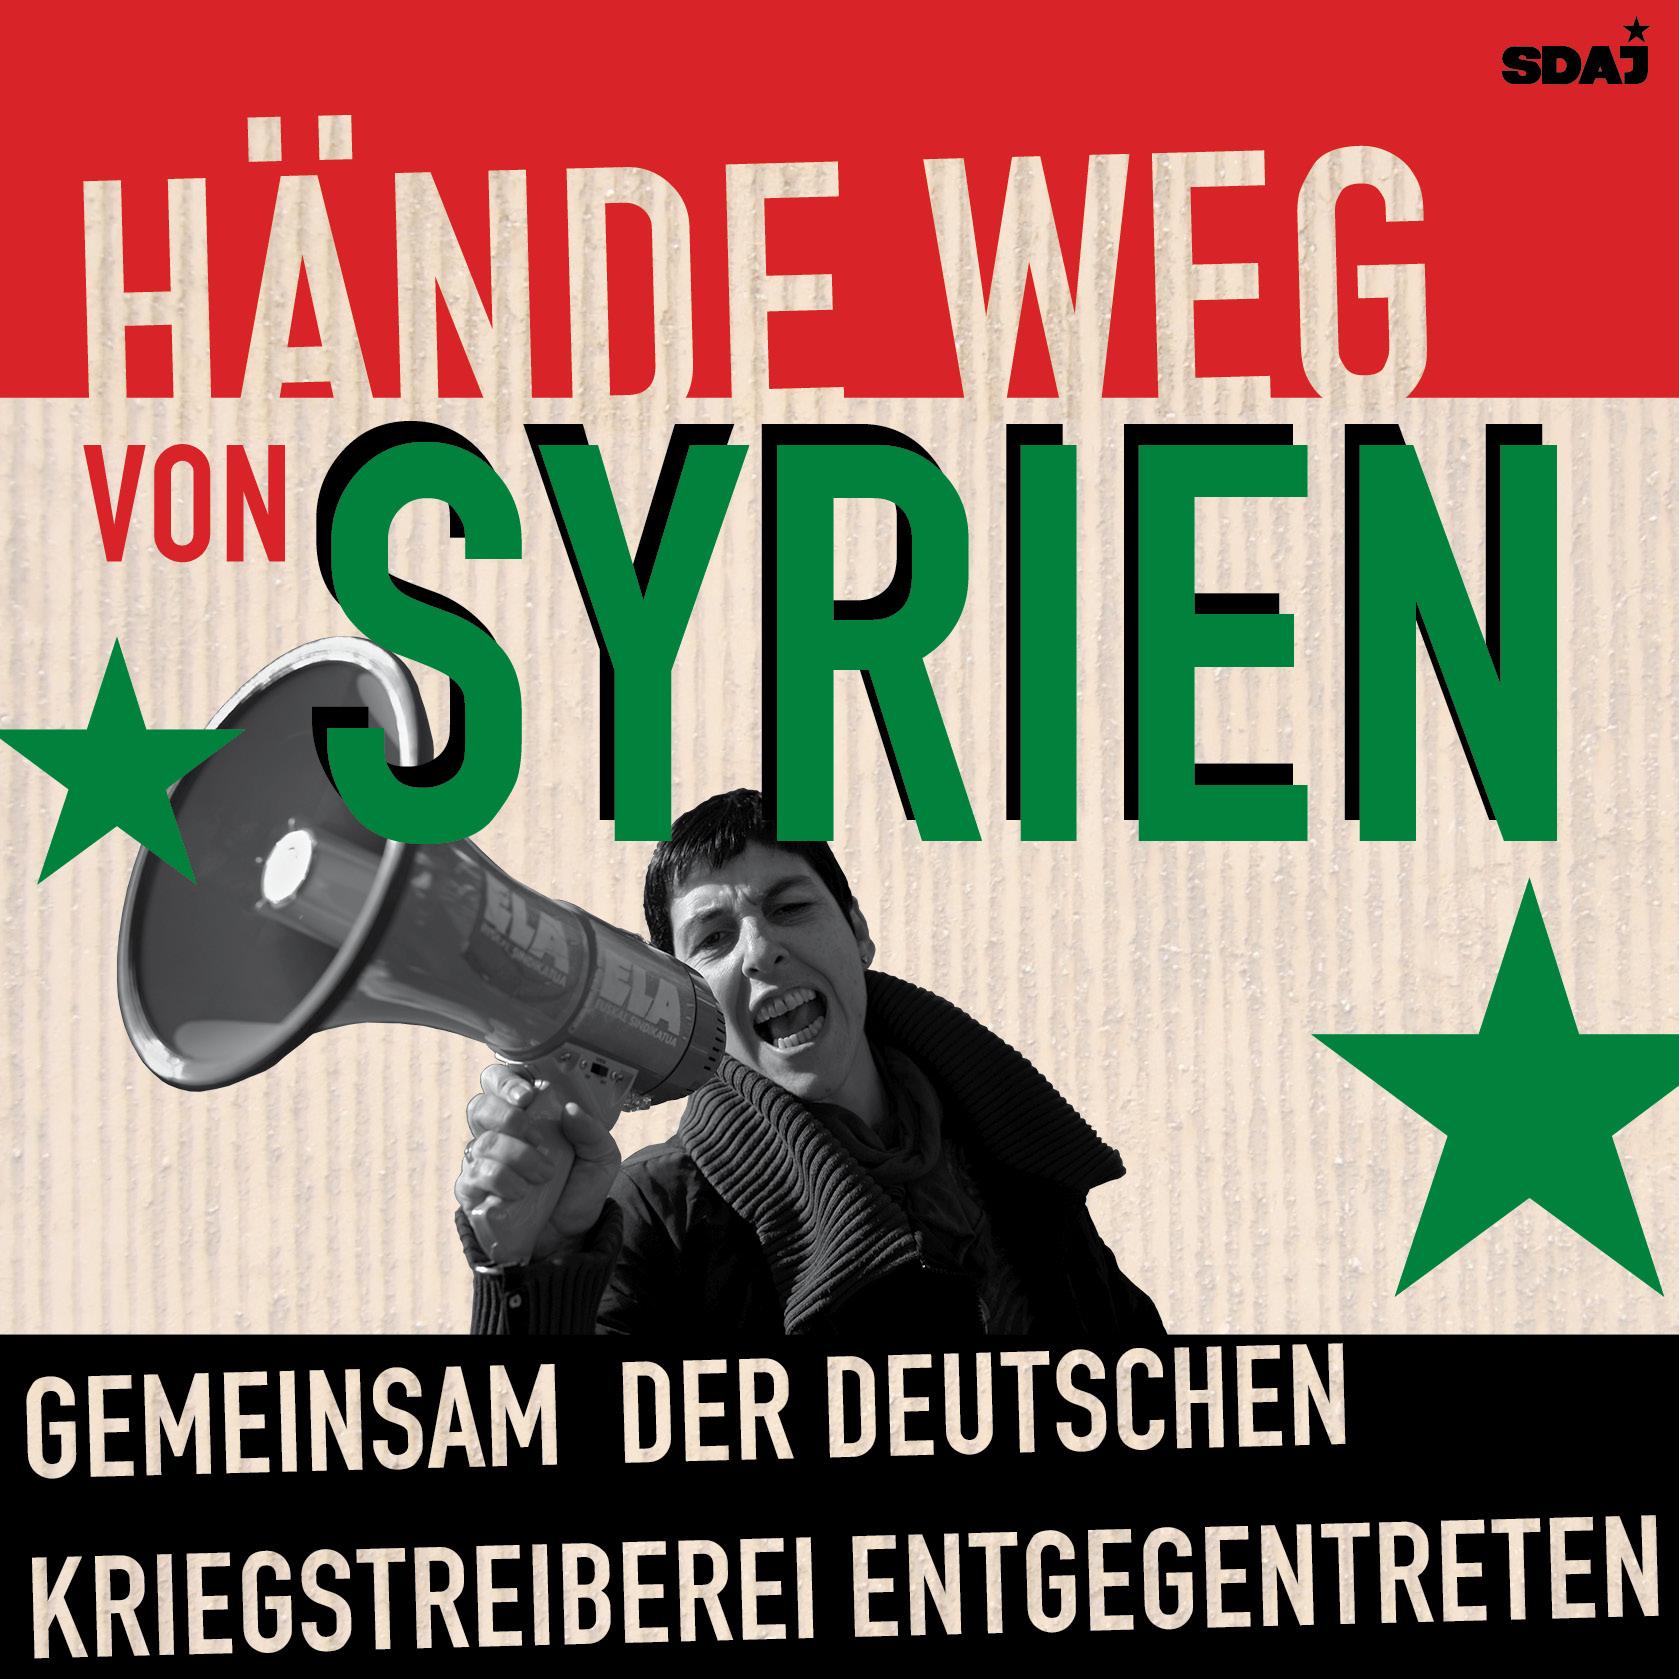 Stoppt den Krieg! – Keine deutschen Soldaten nach Syrien!